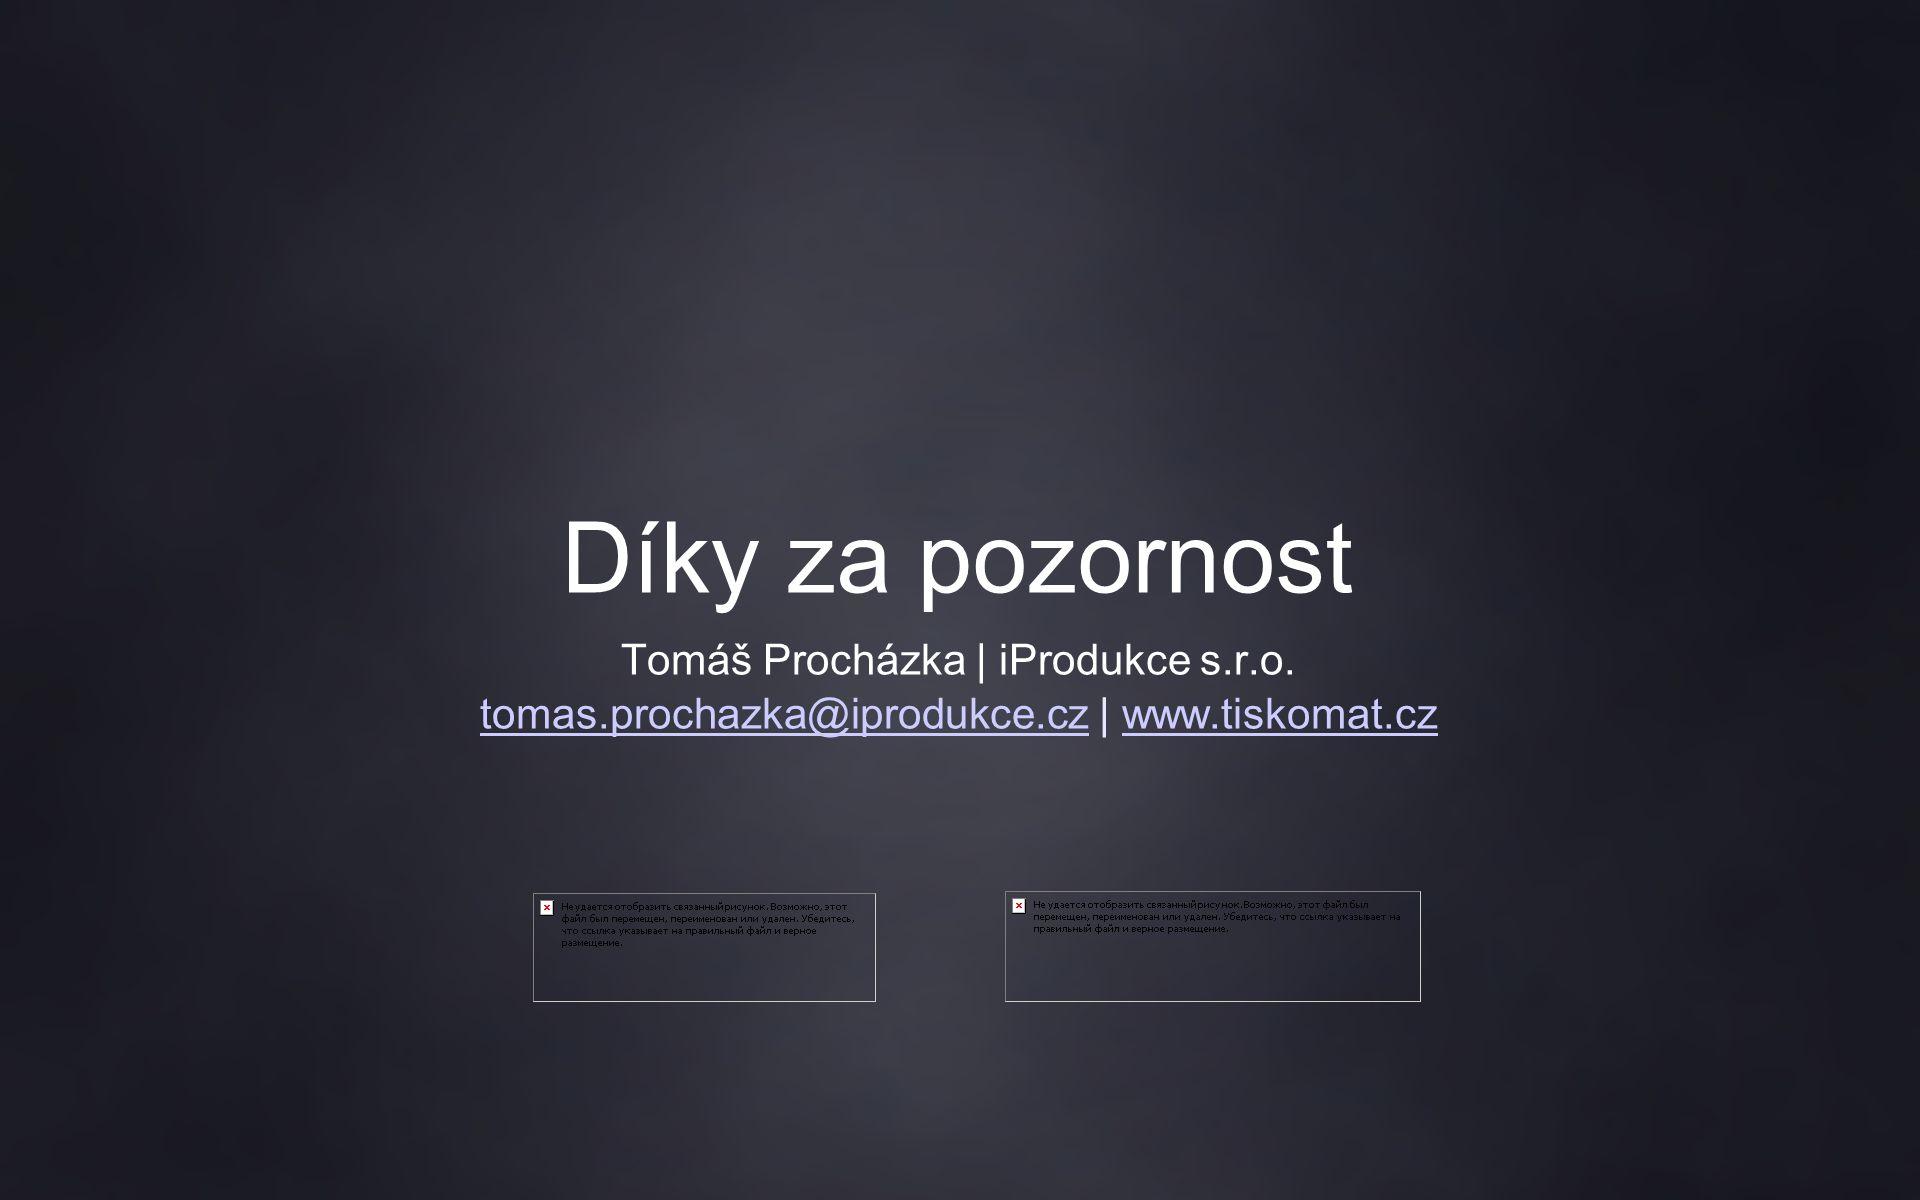 Díky za pozornost Tomáš Procházka | iProdukce s.r.o.